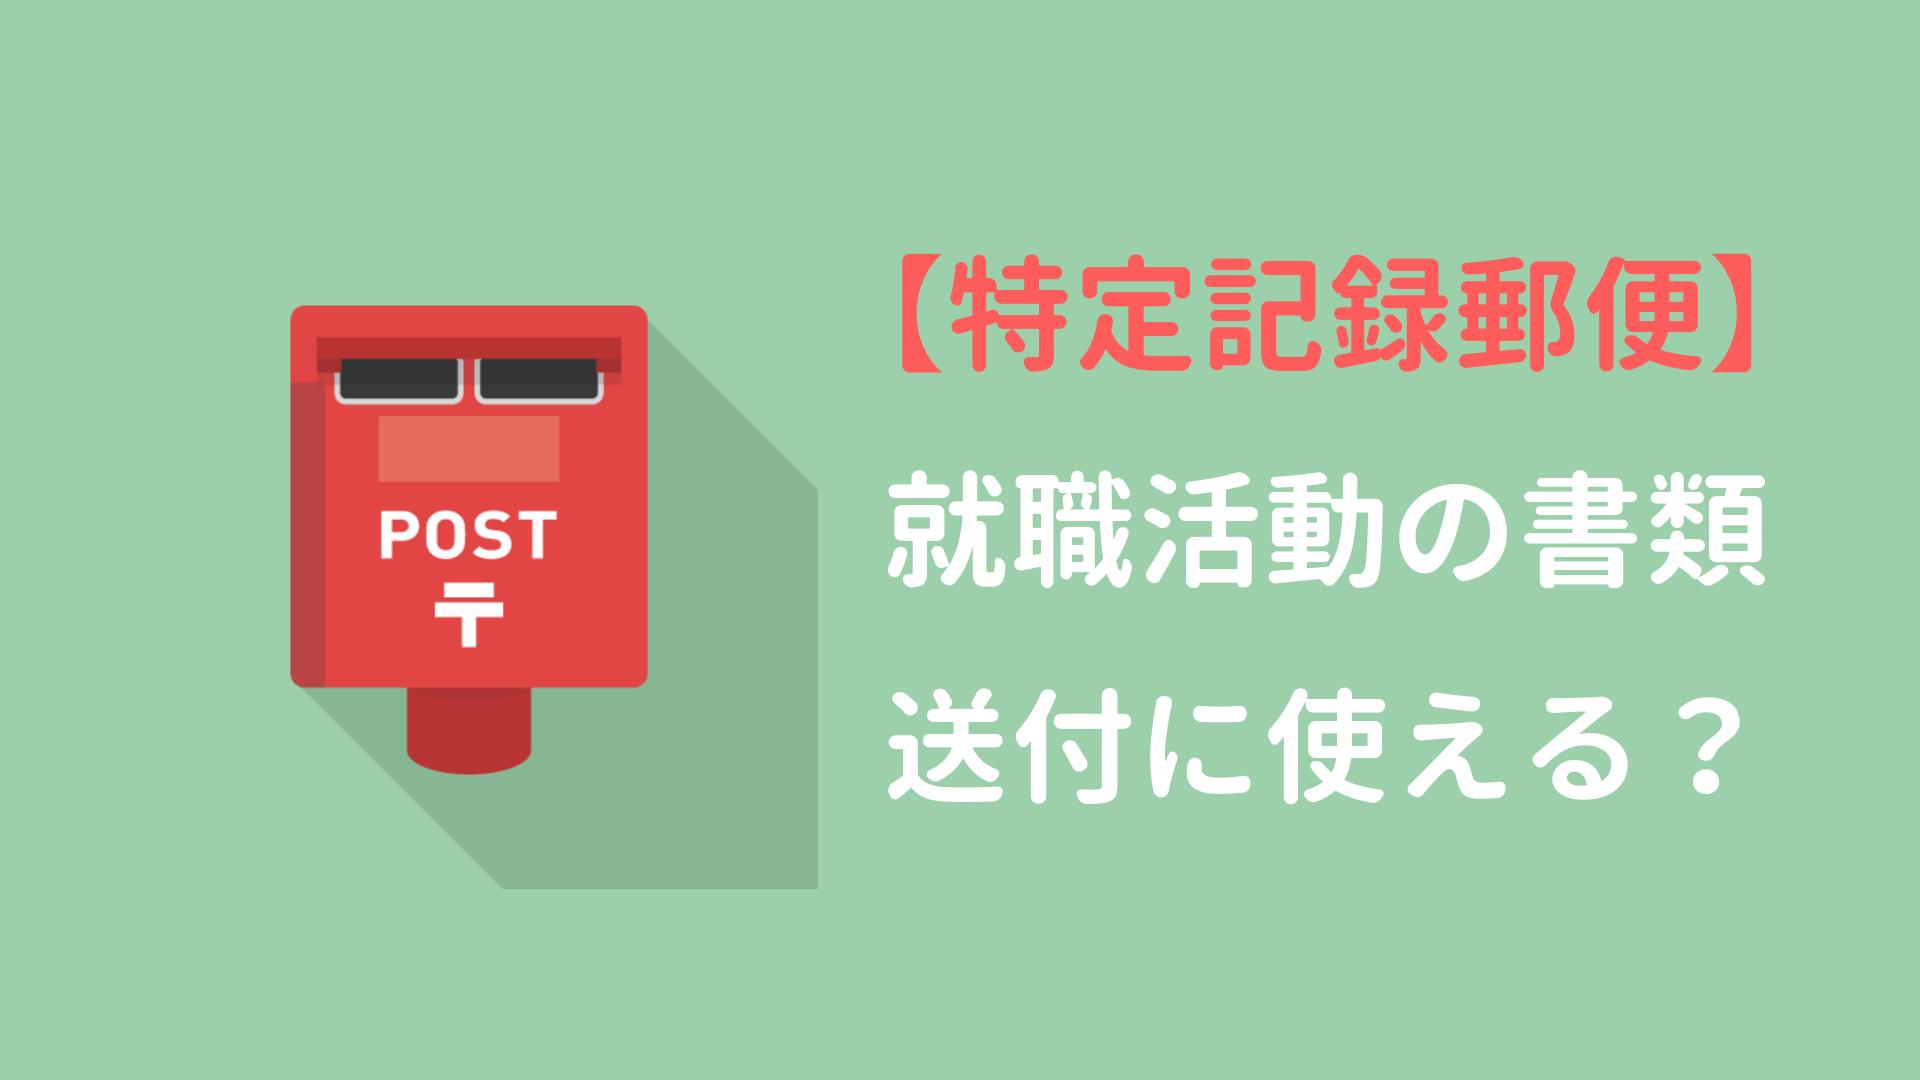 特定記録郵便 出し方 使い方 郵便局 履歴書